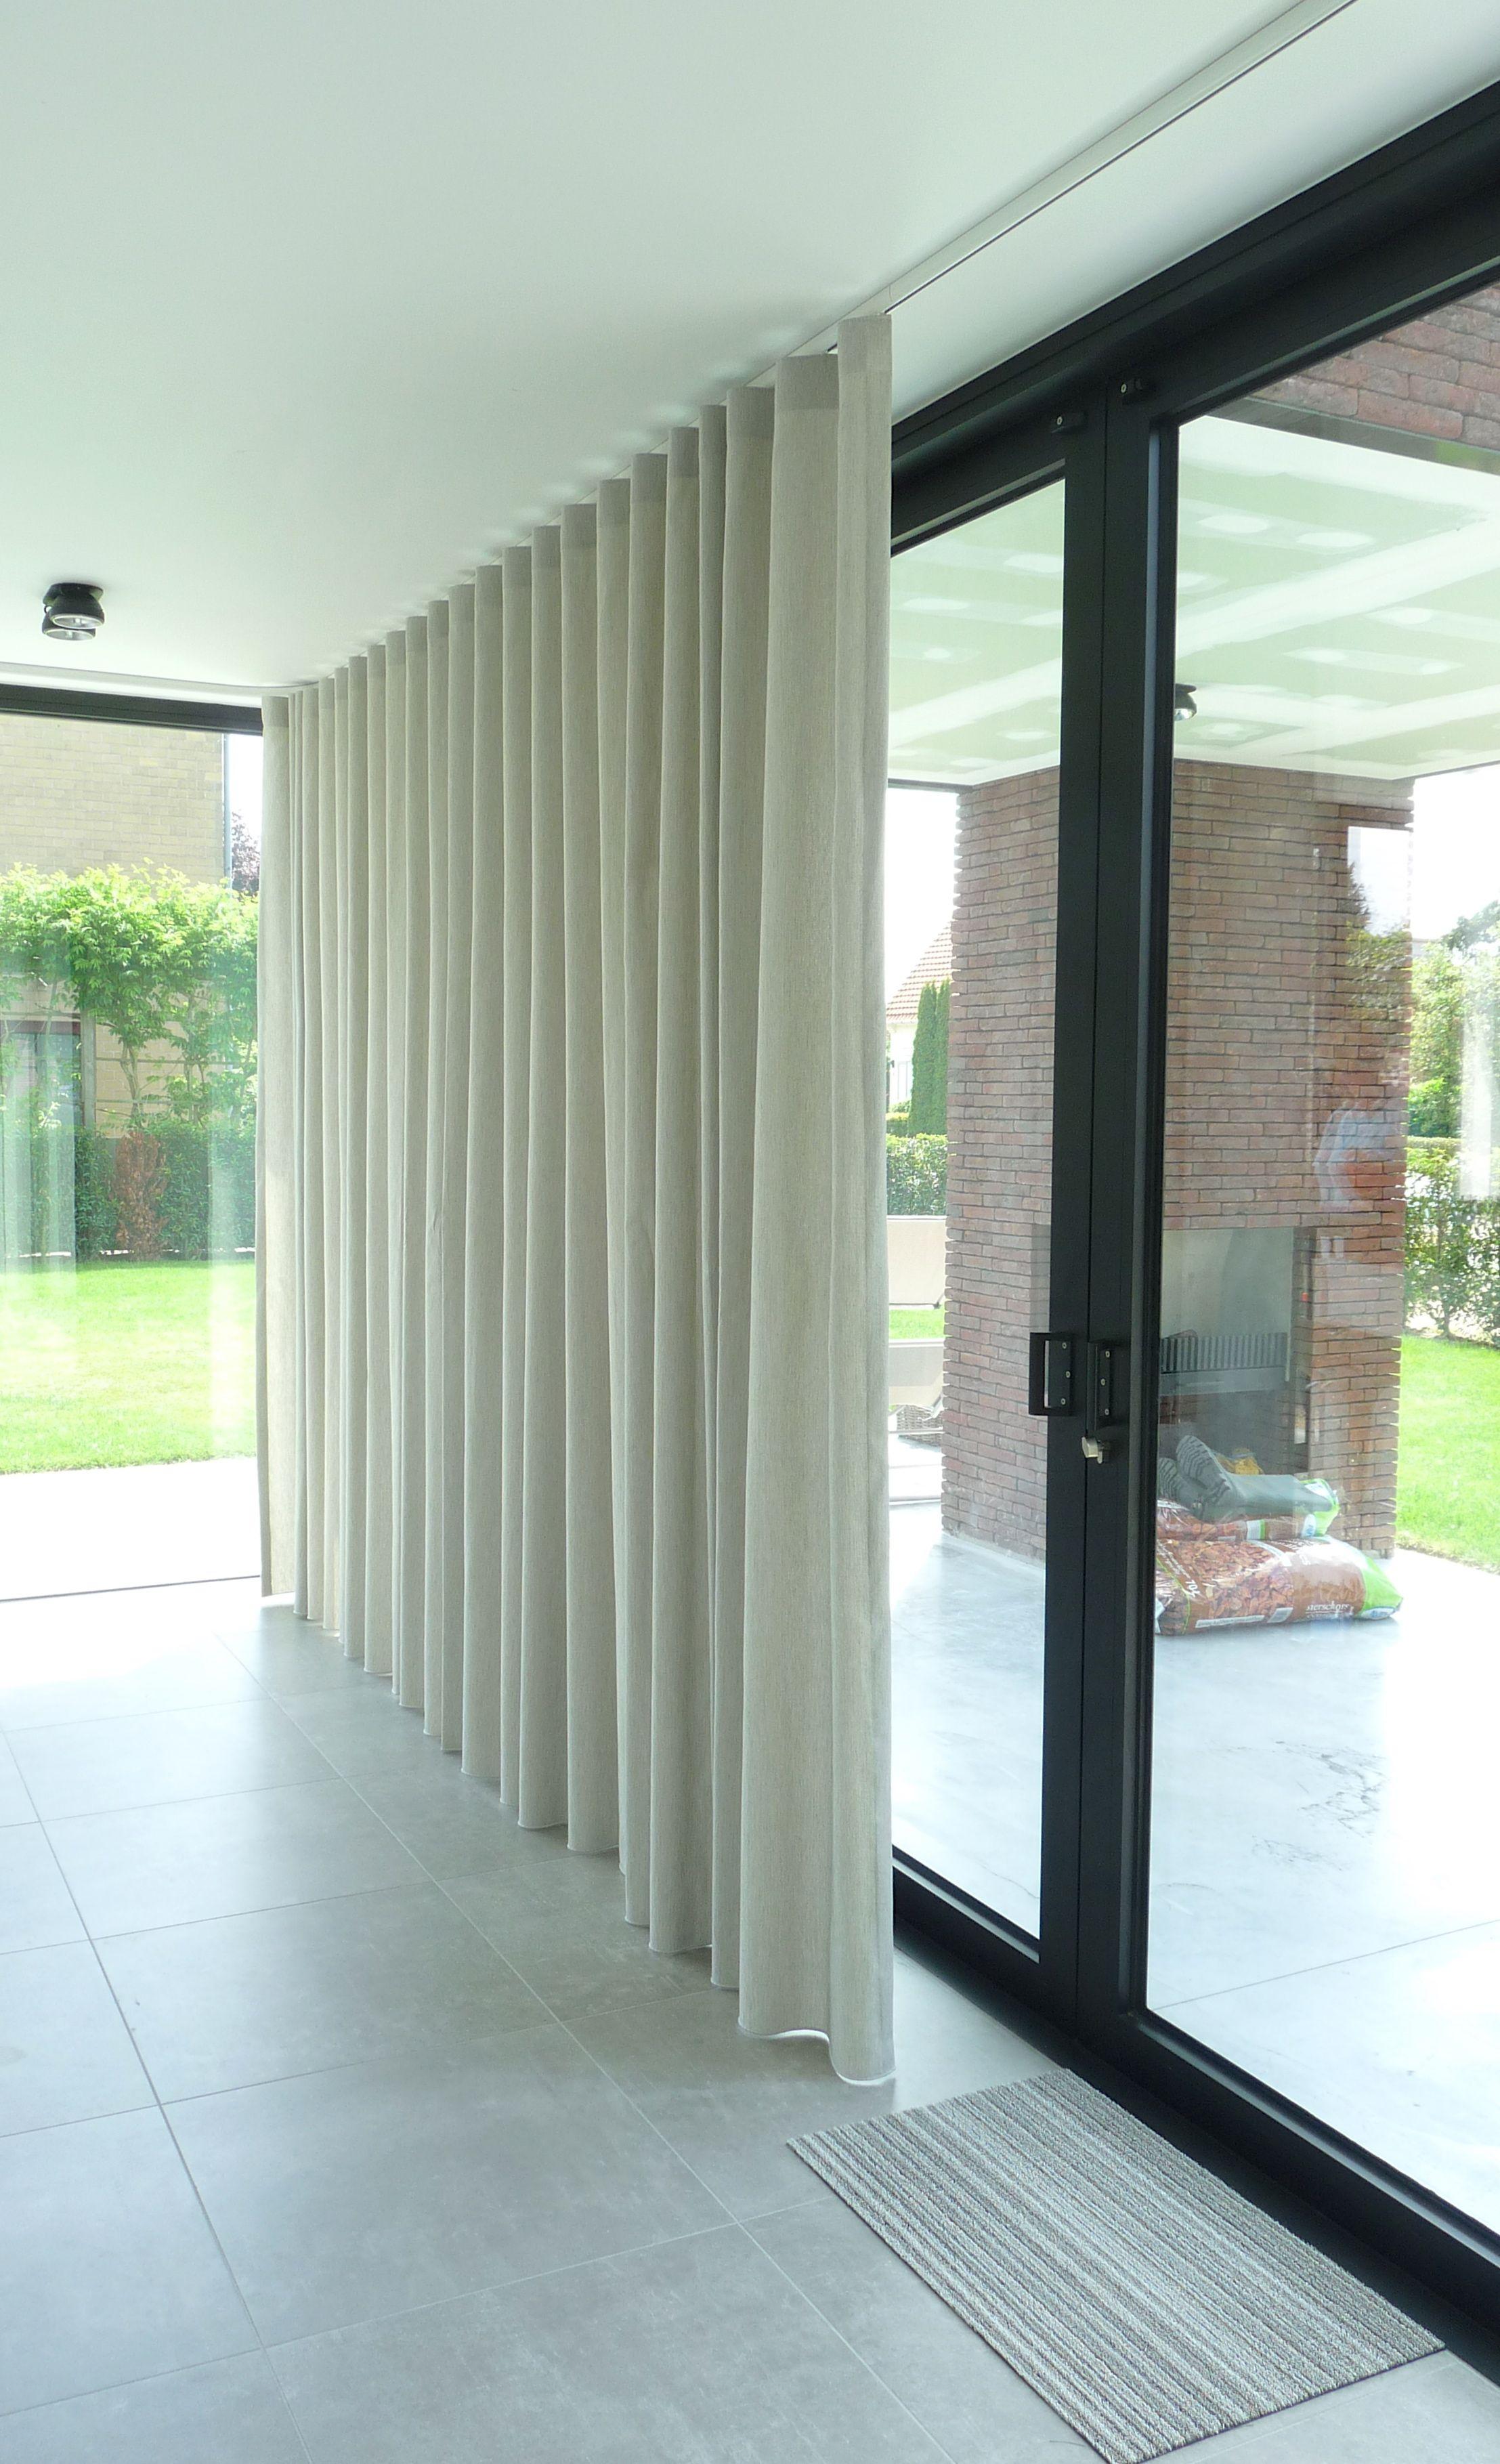 strakke nieuwbouwwoning met grote ramen die zorgen voor veel lichtinval voor de gordijnen werd gekozen voor kamerhoge stof in dezelfde kleur als de